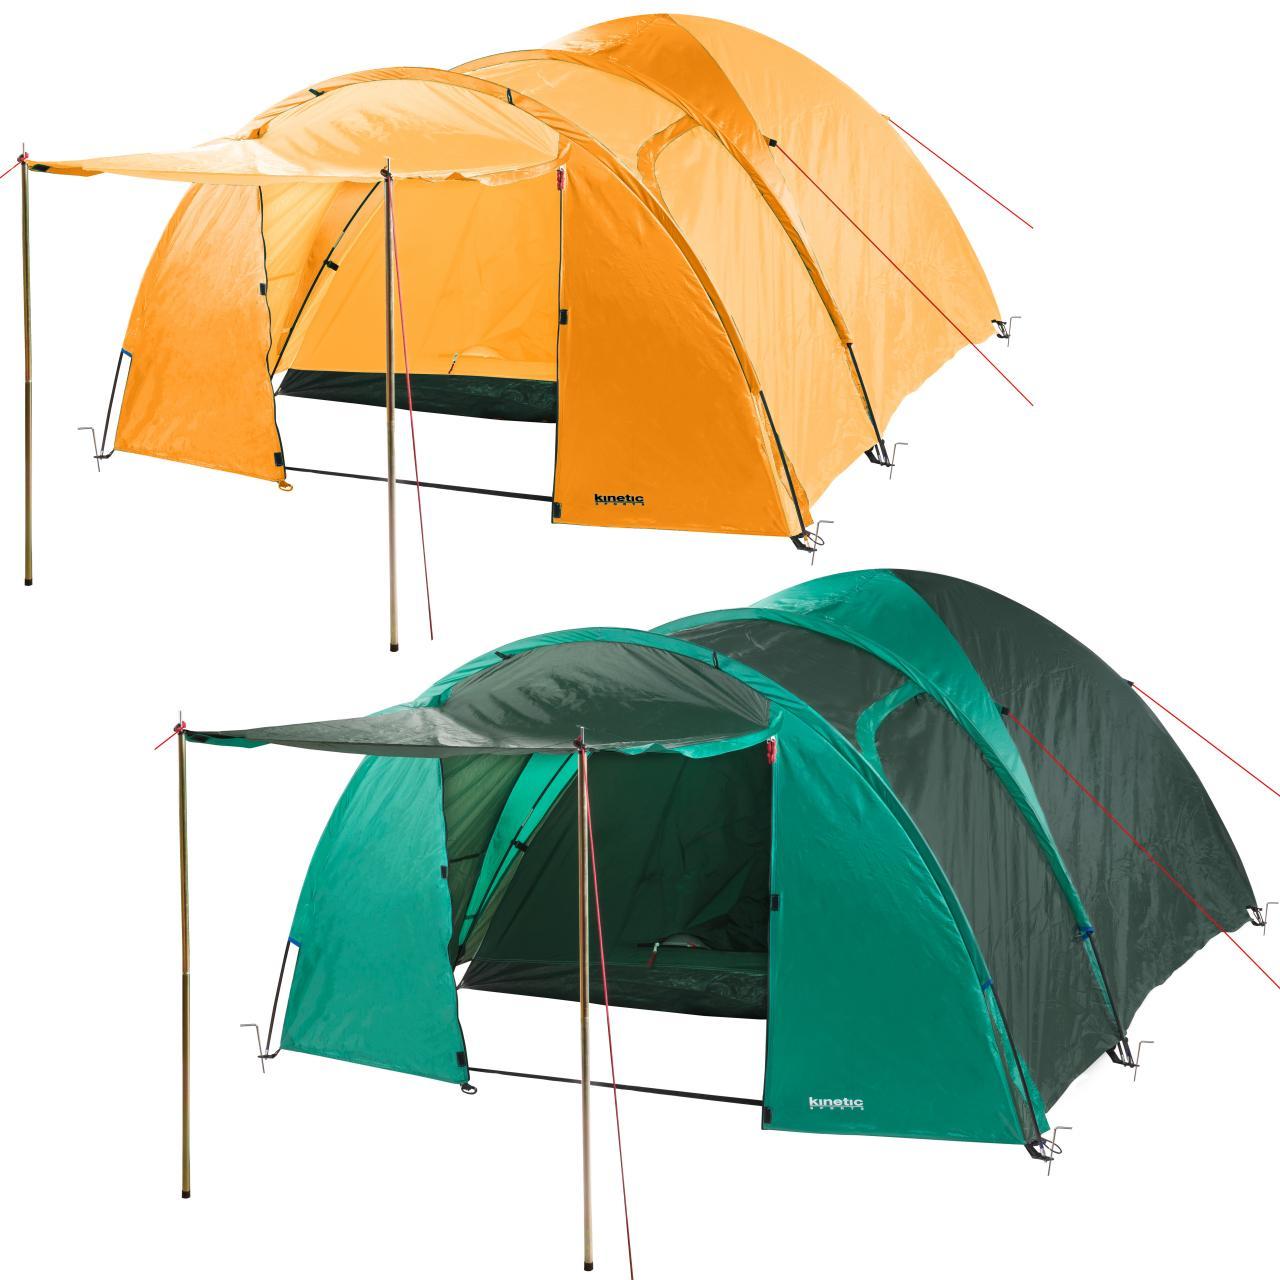 Zelt Für 2 Feldbetten : Campingzelt kuppelzelt igluzelt trekkingzelt personen